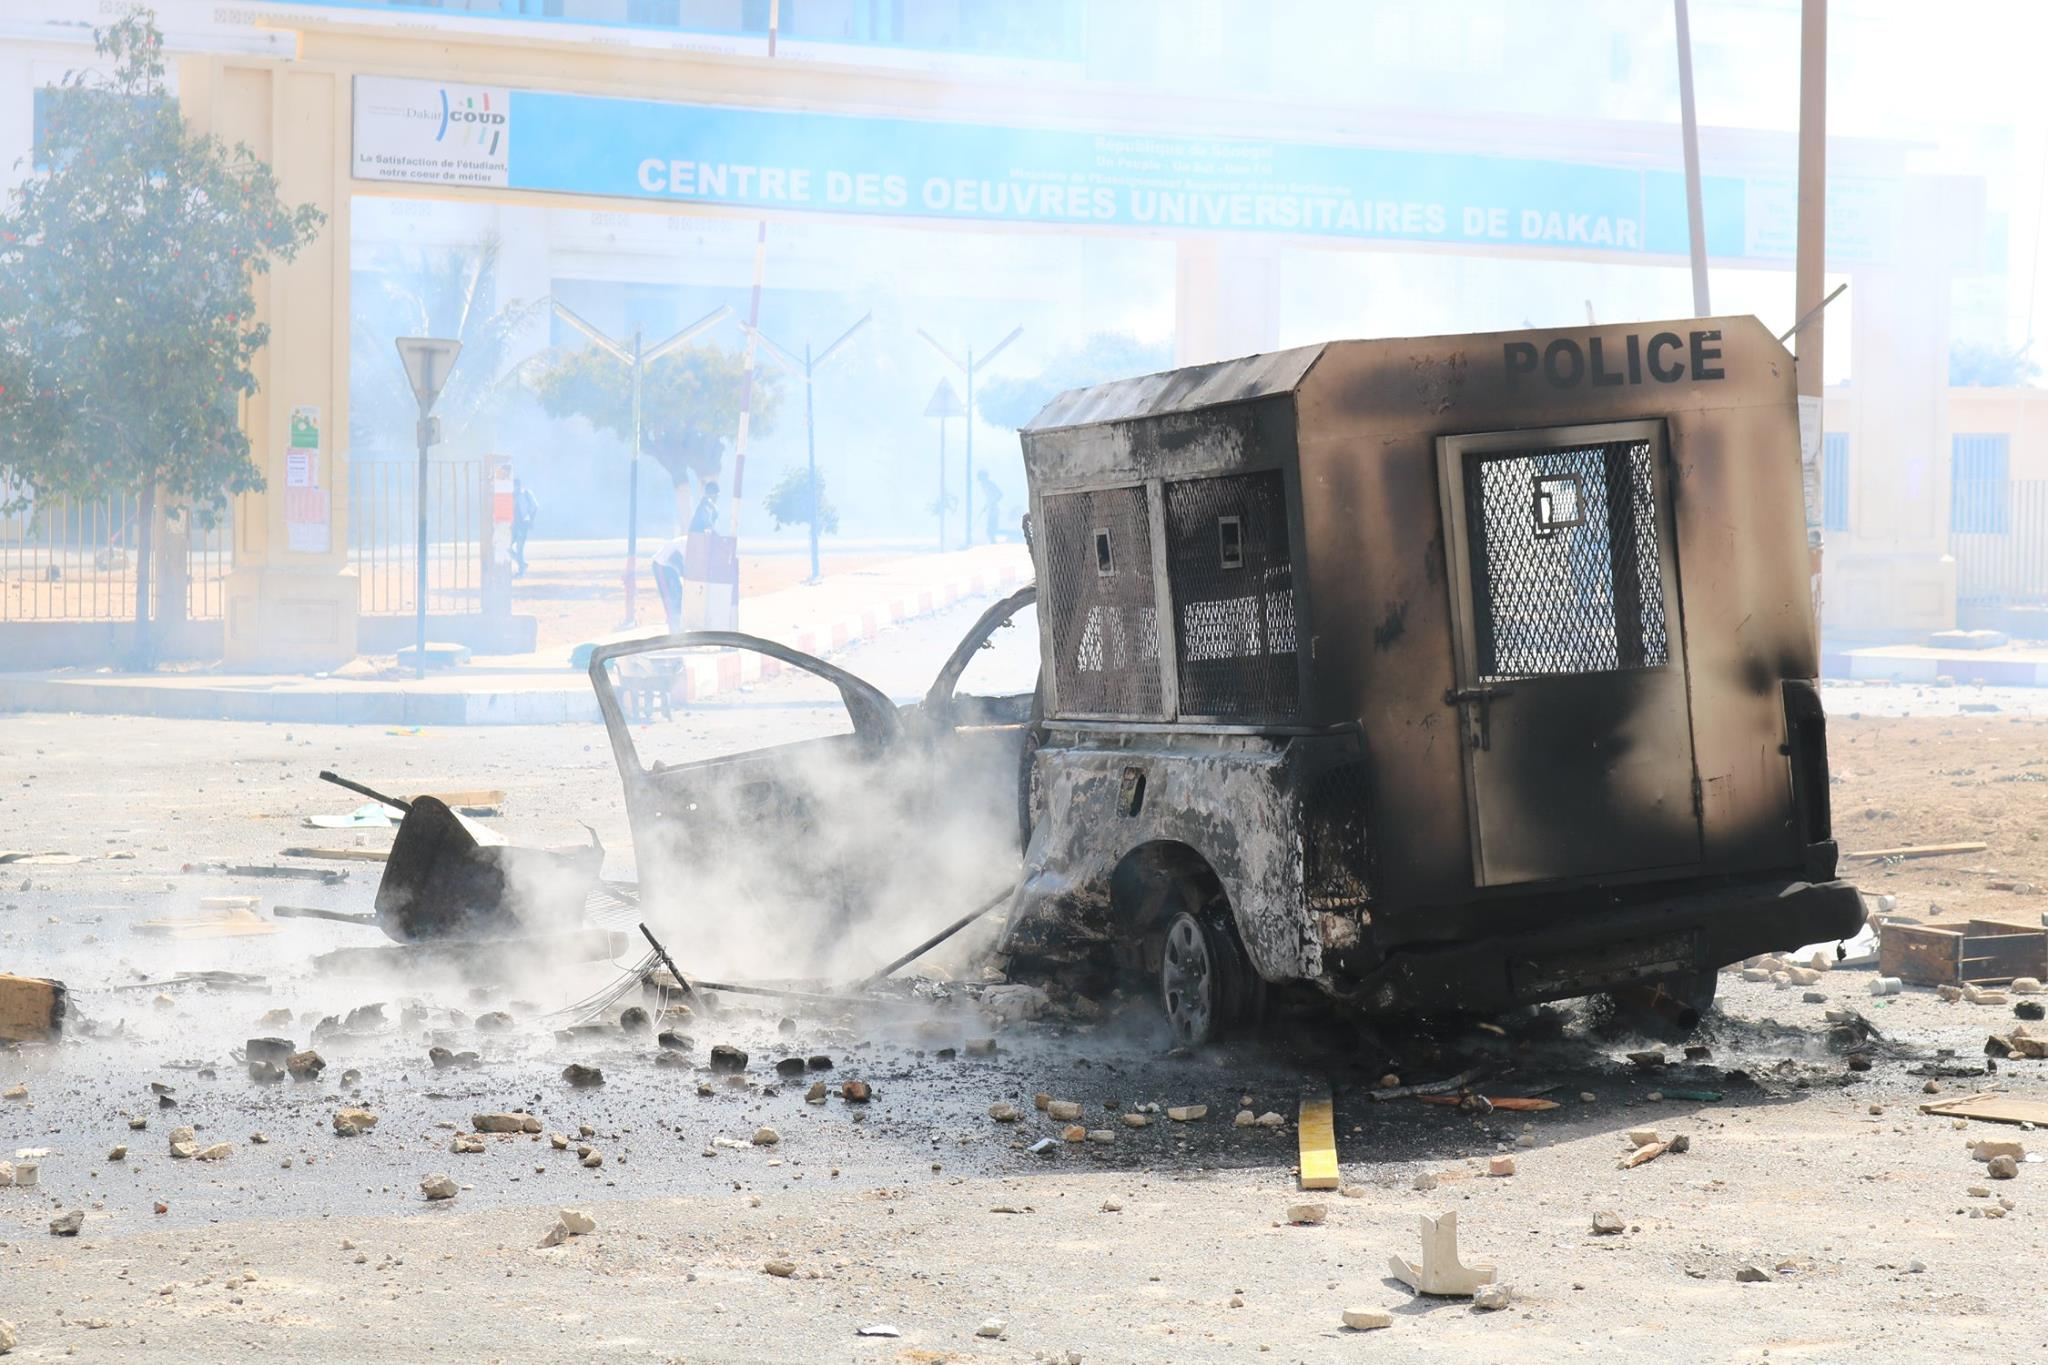 Affrontements entre policiers et étudiants sur l'avenue Cheikh Anta Diop de Dakar...Tout ce que vous n'avez pas vu en images